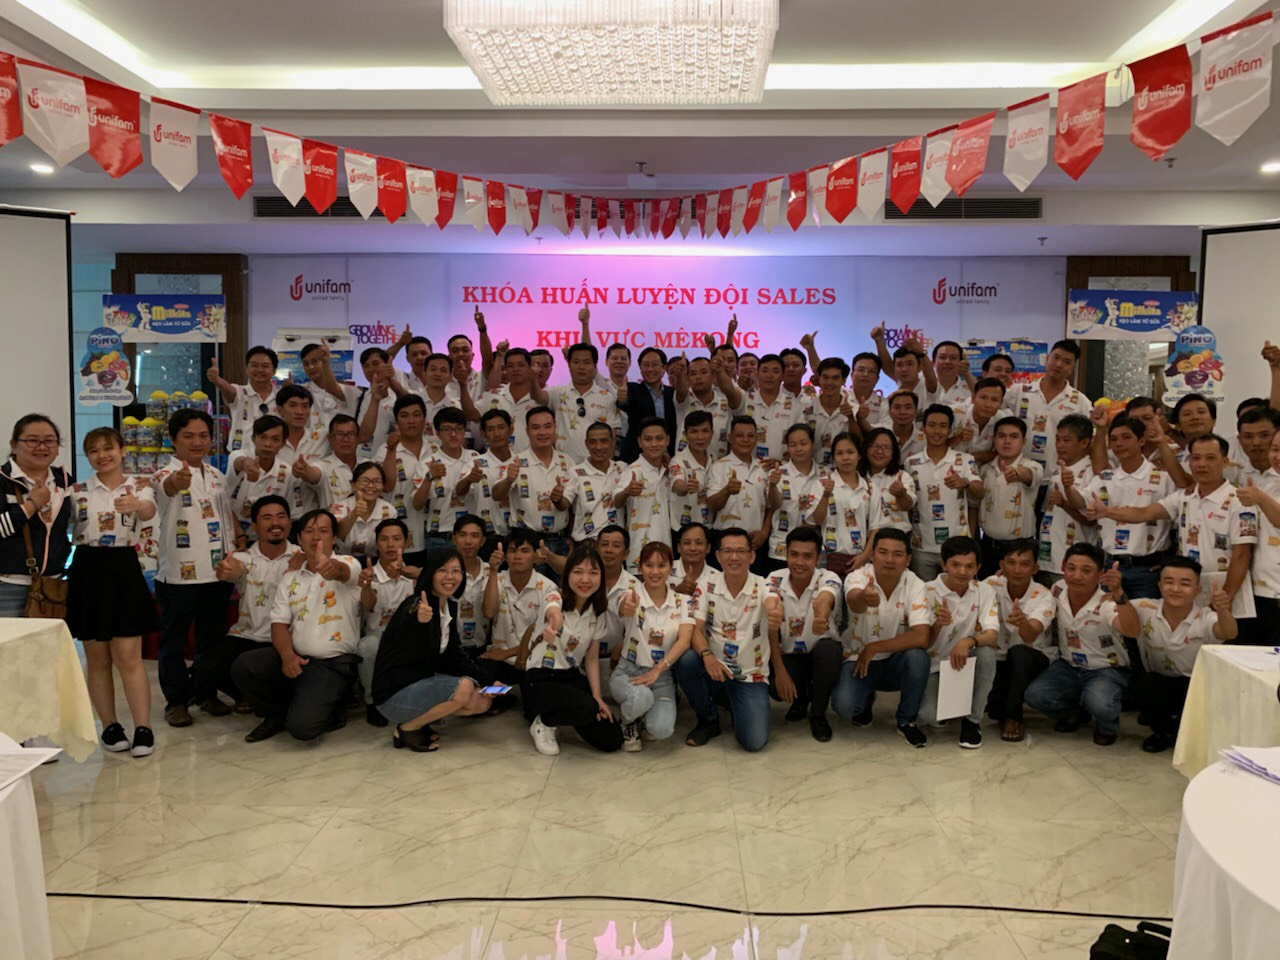 Chương Trình đào tạo cho đội ngũ Sales của Công Ty Unifam Tại Cần Thơ